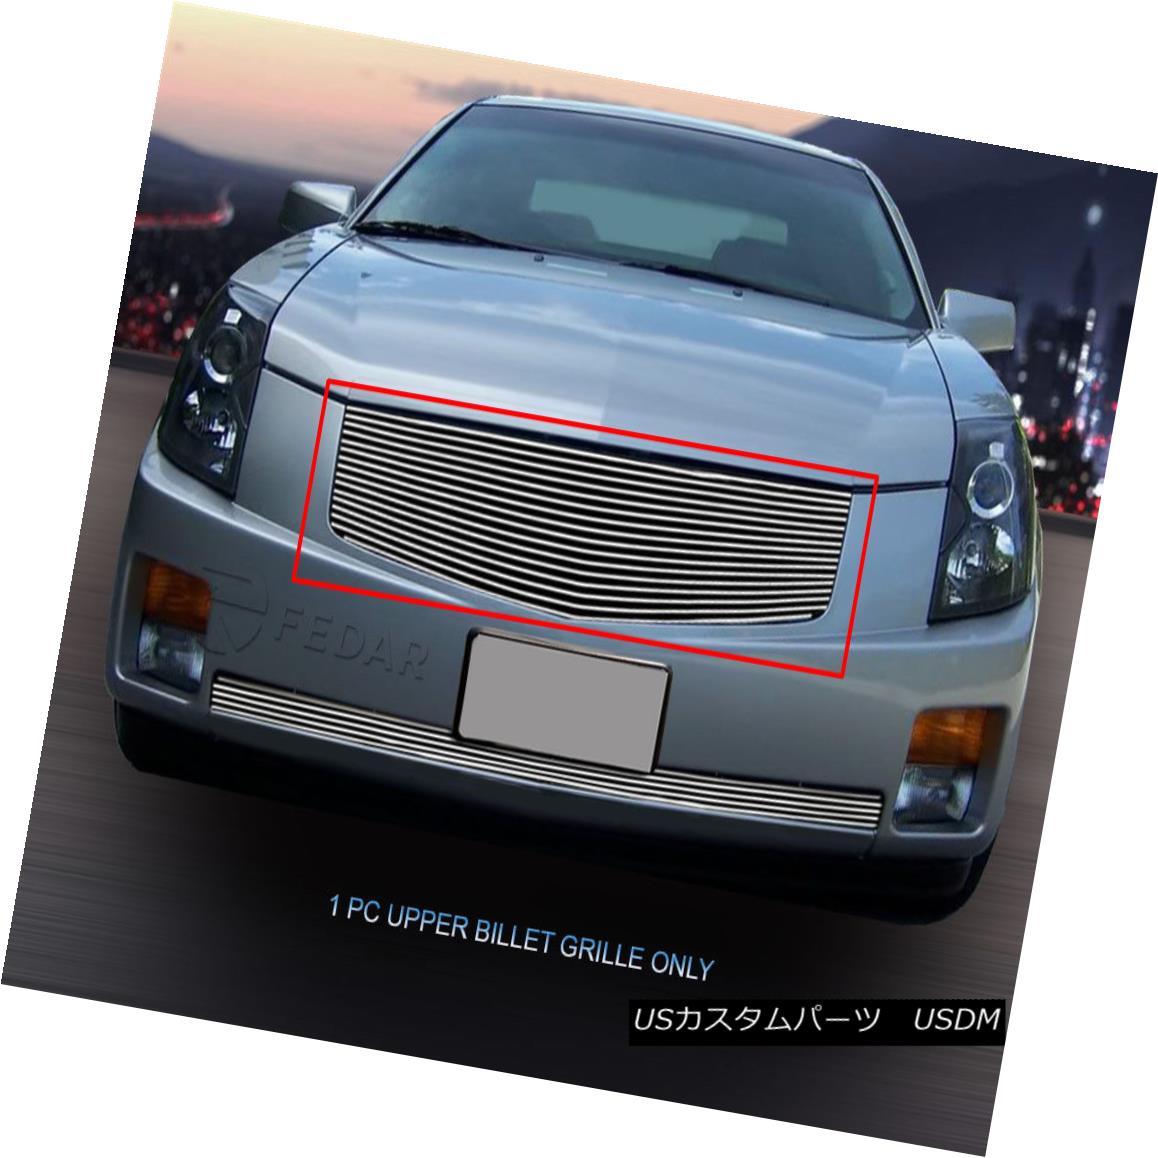 グリル 03-07 Cadillac CTS Billet Grille Grill Upper Insert 1PC Fedar 03-07キャデラックCTSビレットグリルグリルアッパーインサート1PC Fedar